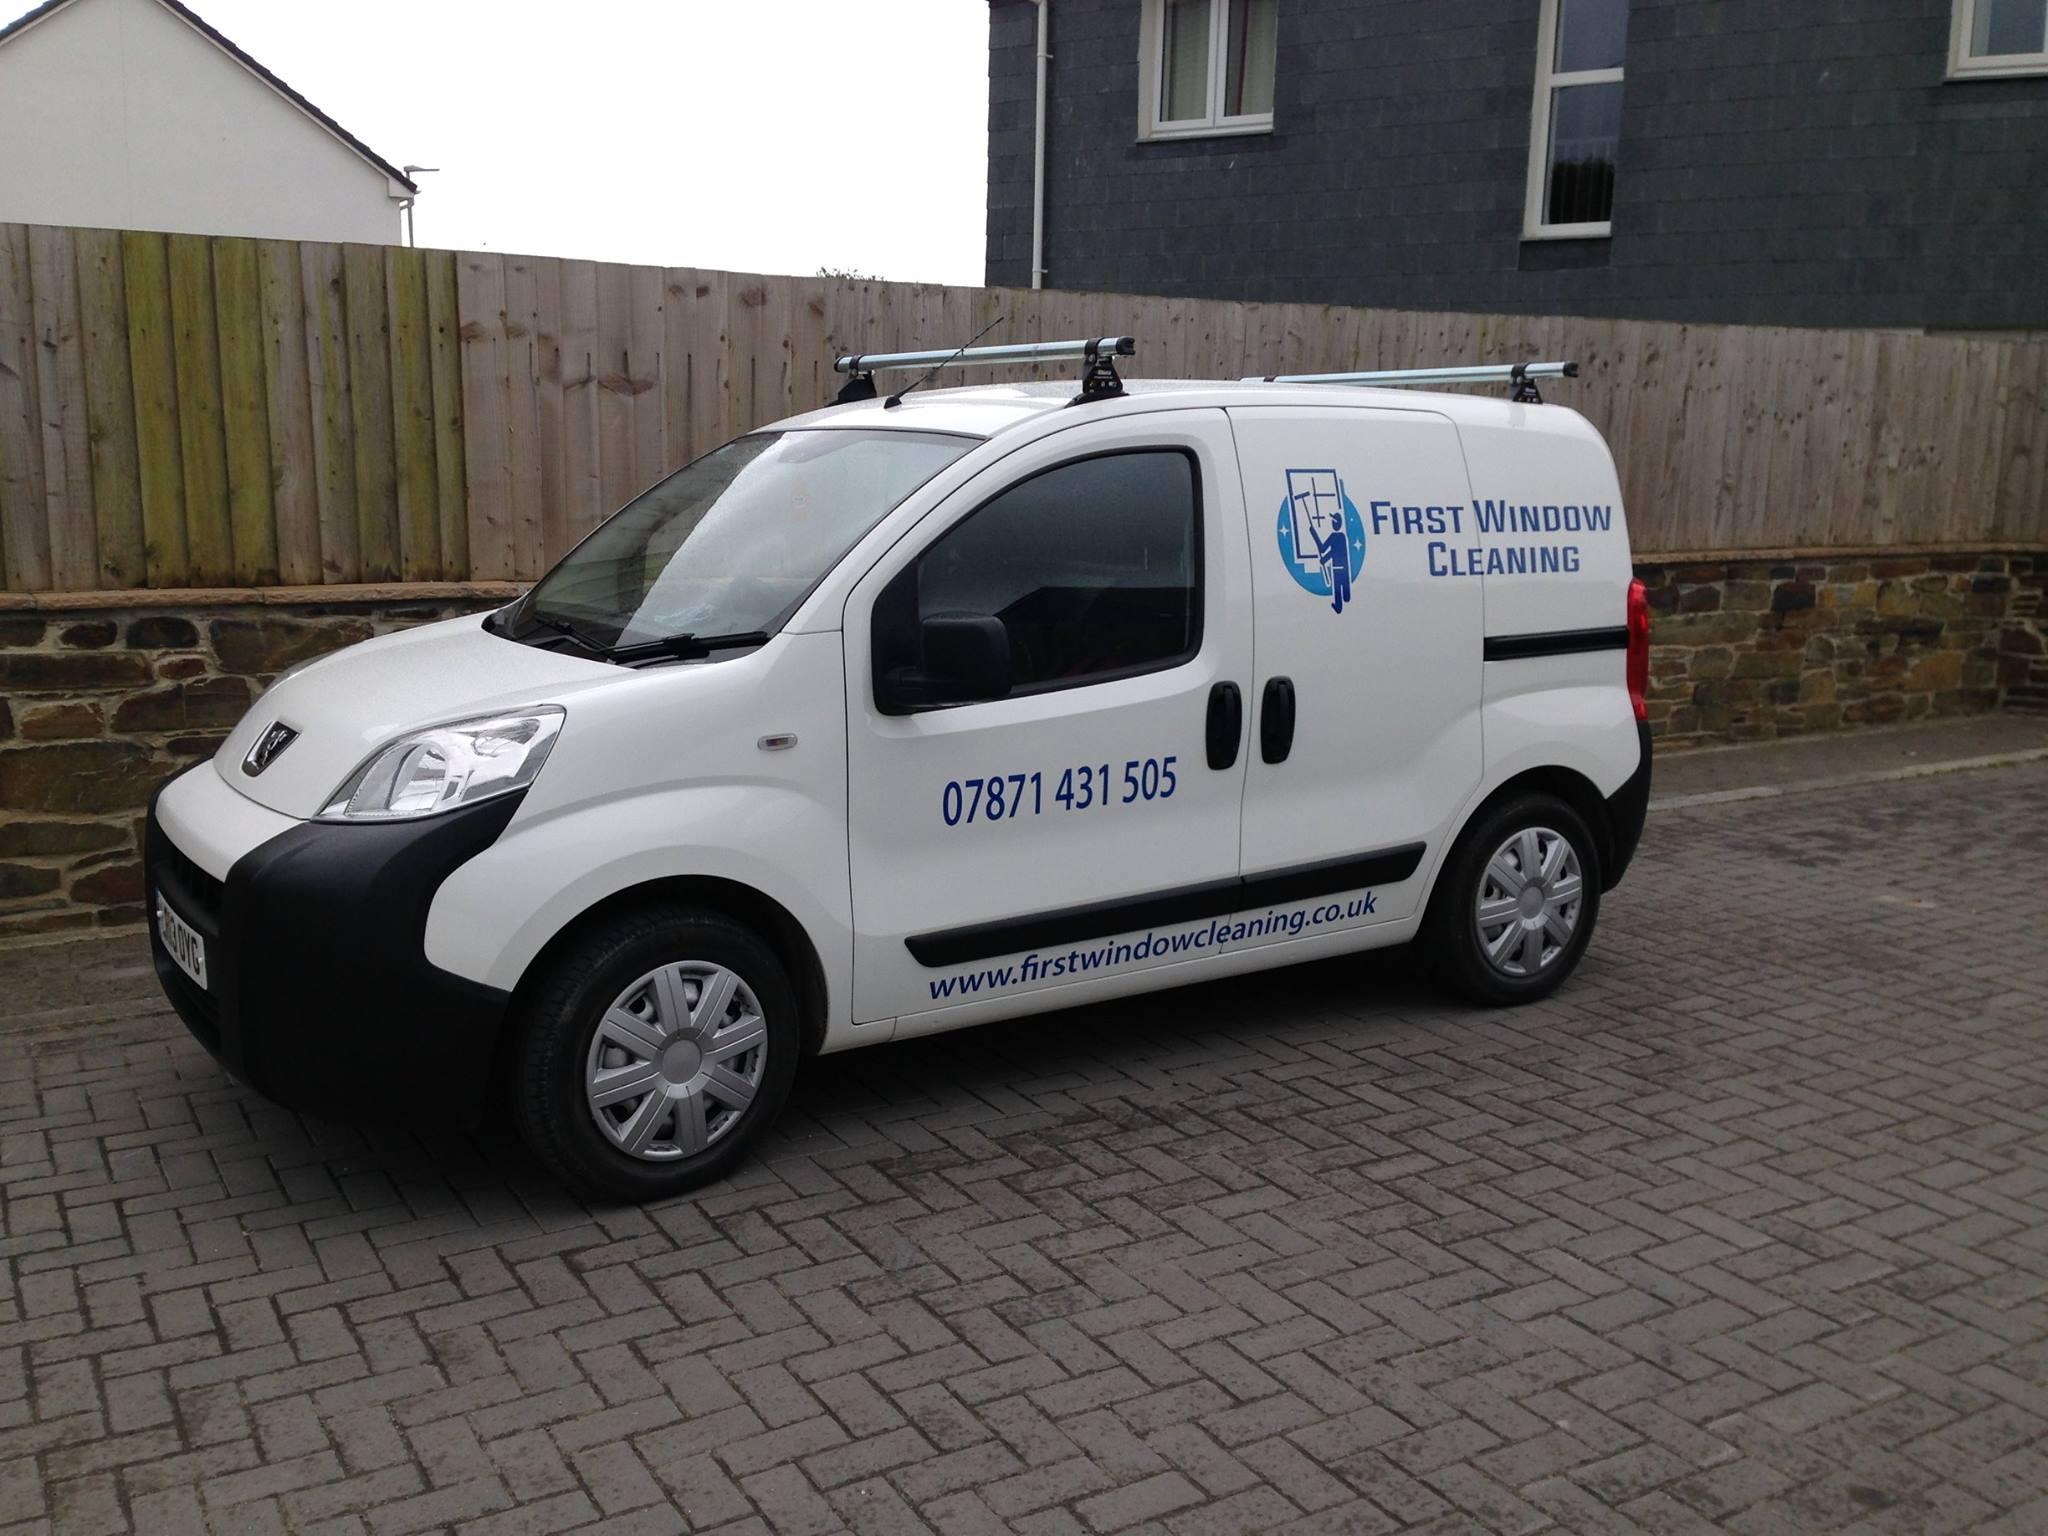 Newquay window cleaning van